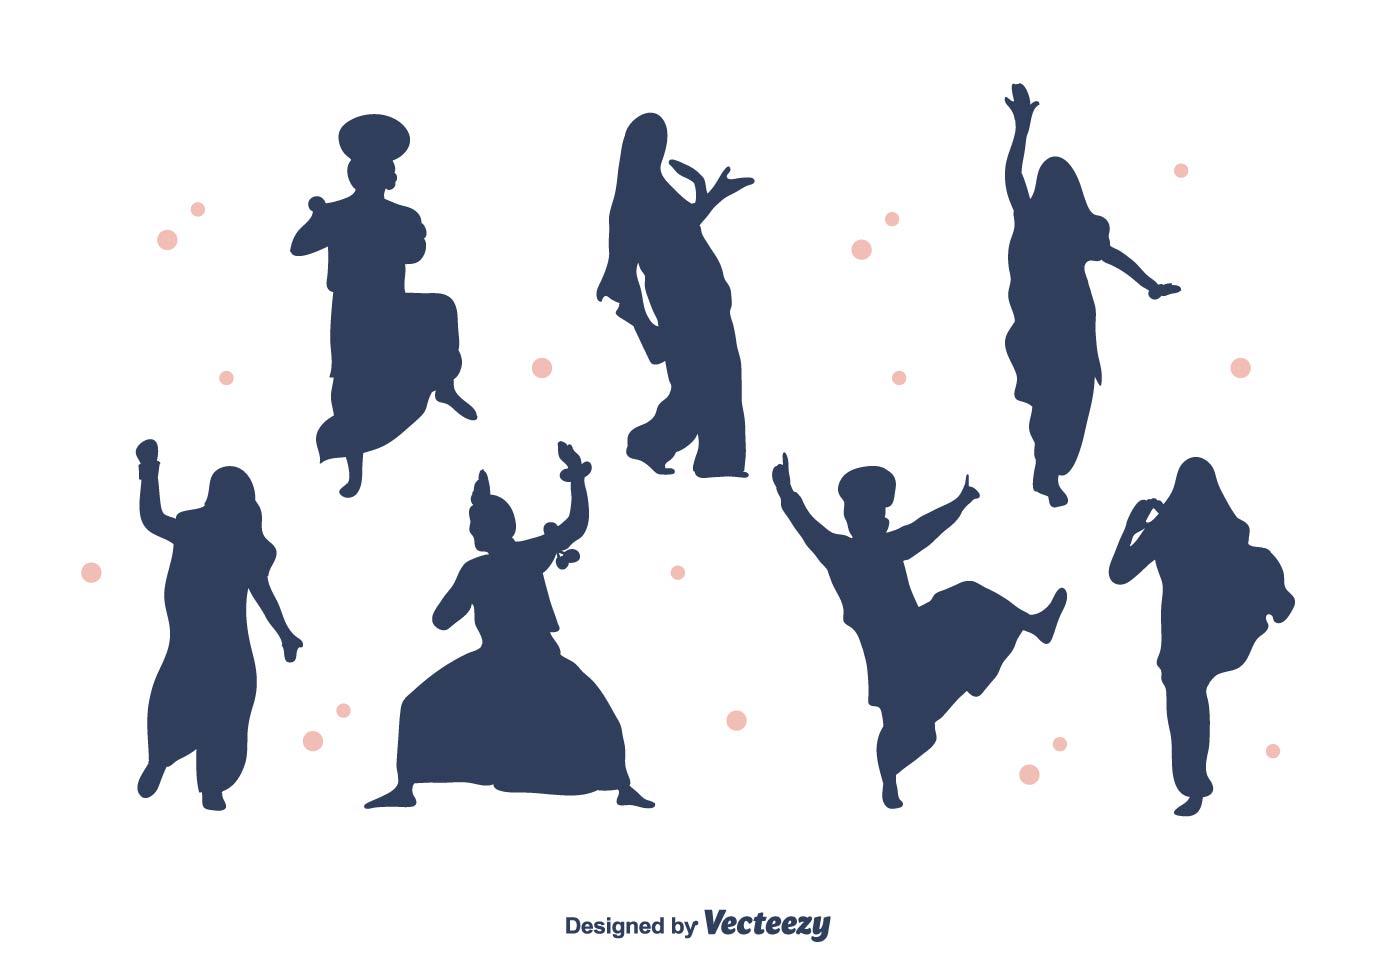 Bhangra Dancers Silhouette Vector - Download Free Vectors ...